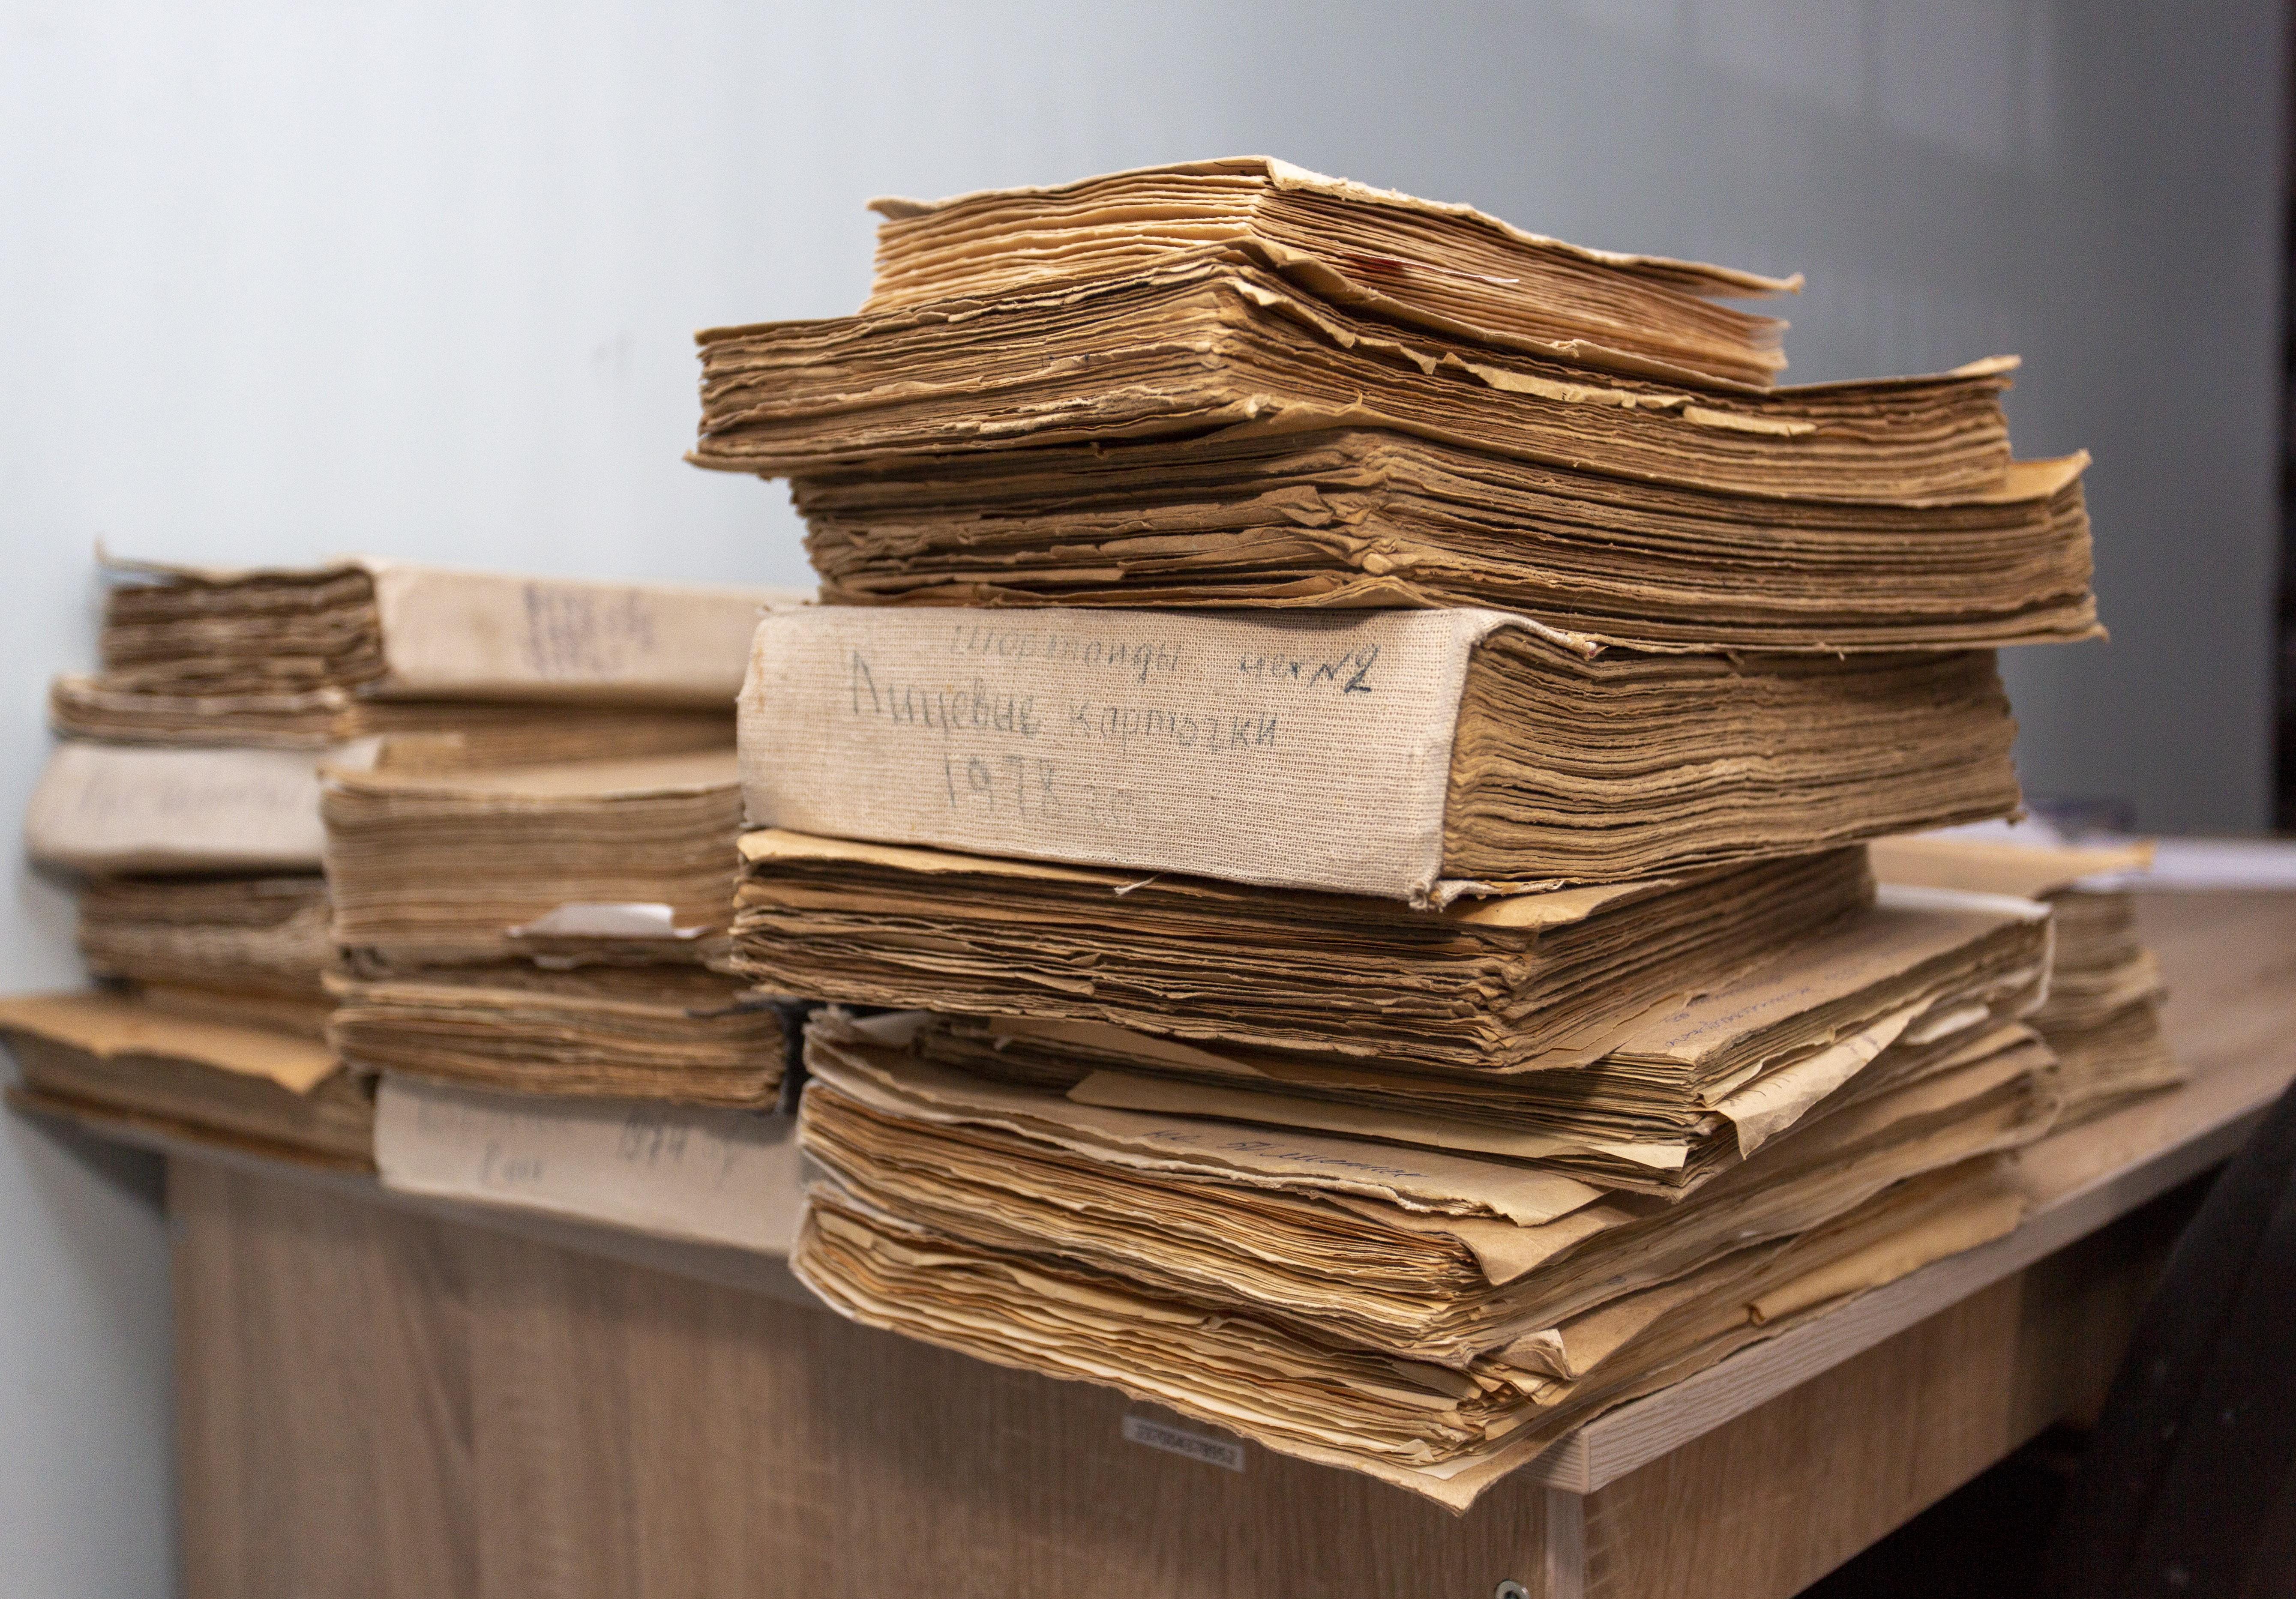 Волонтерская работа с документами Архива